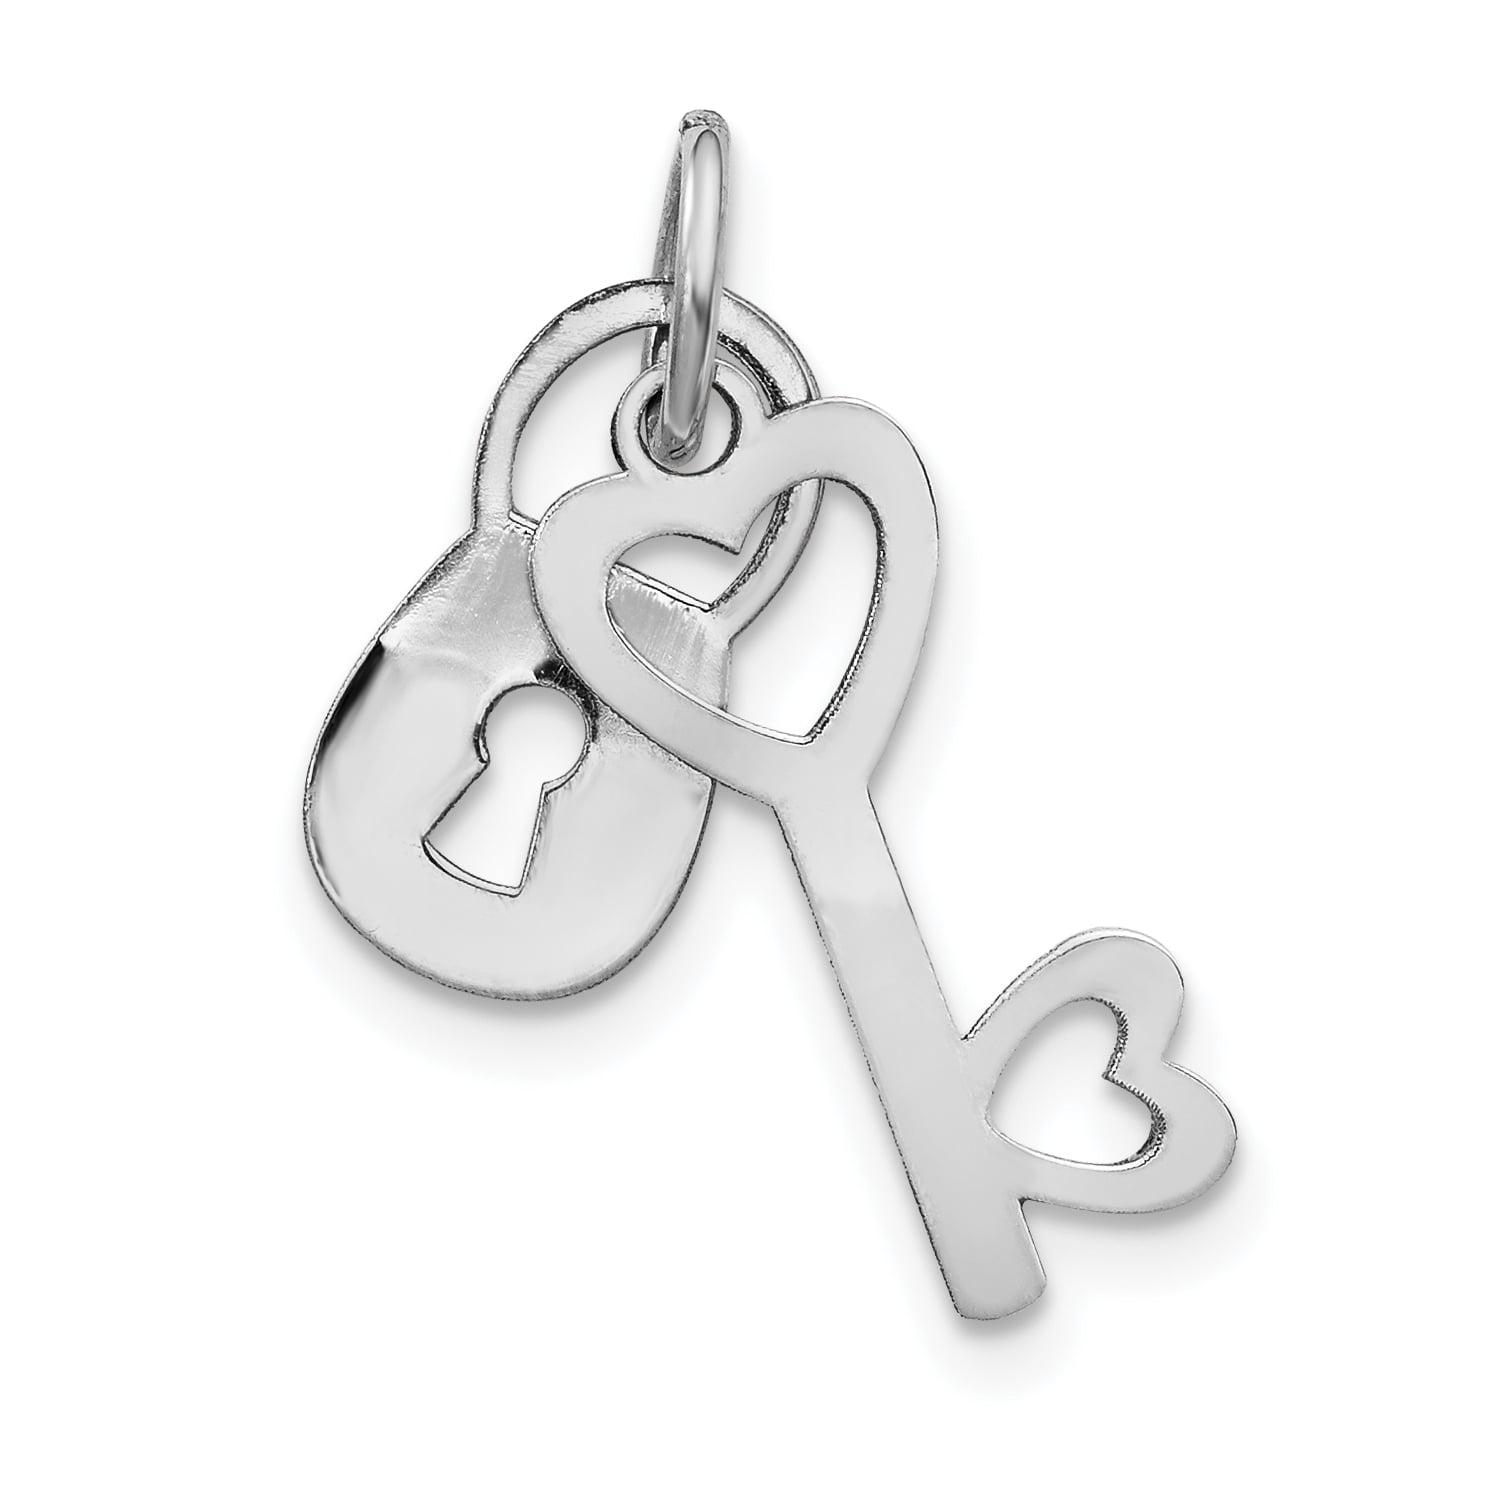 14K White Gold Polished Lock & Key Charm - image 2 of 2